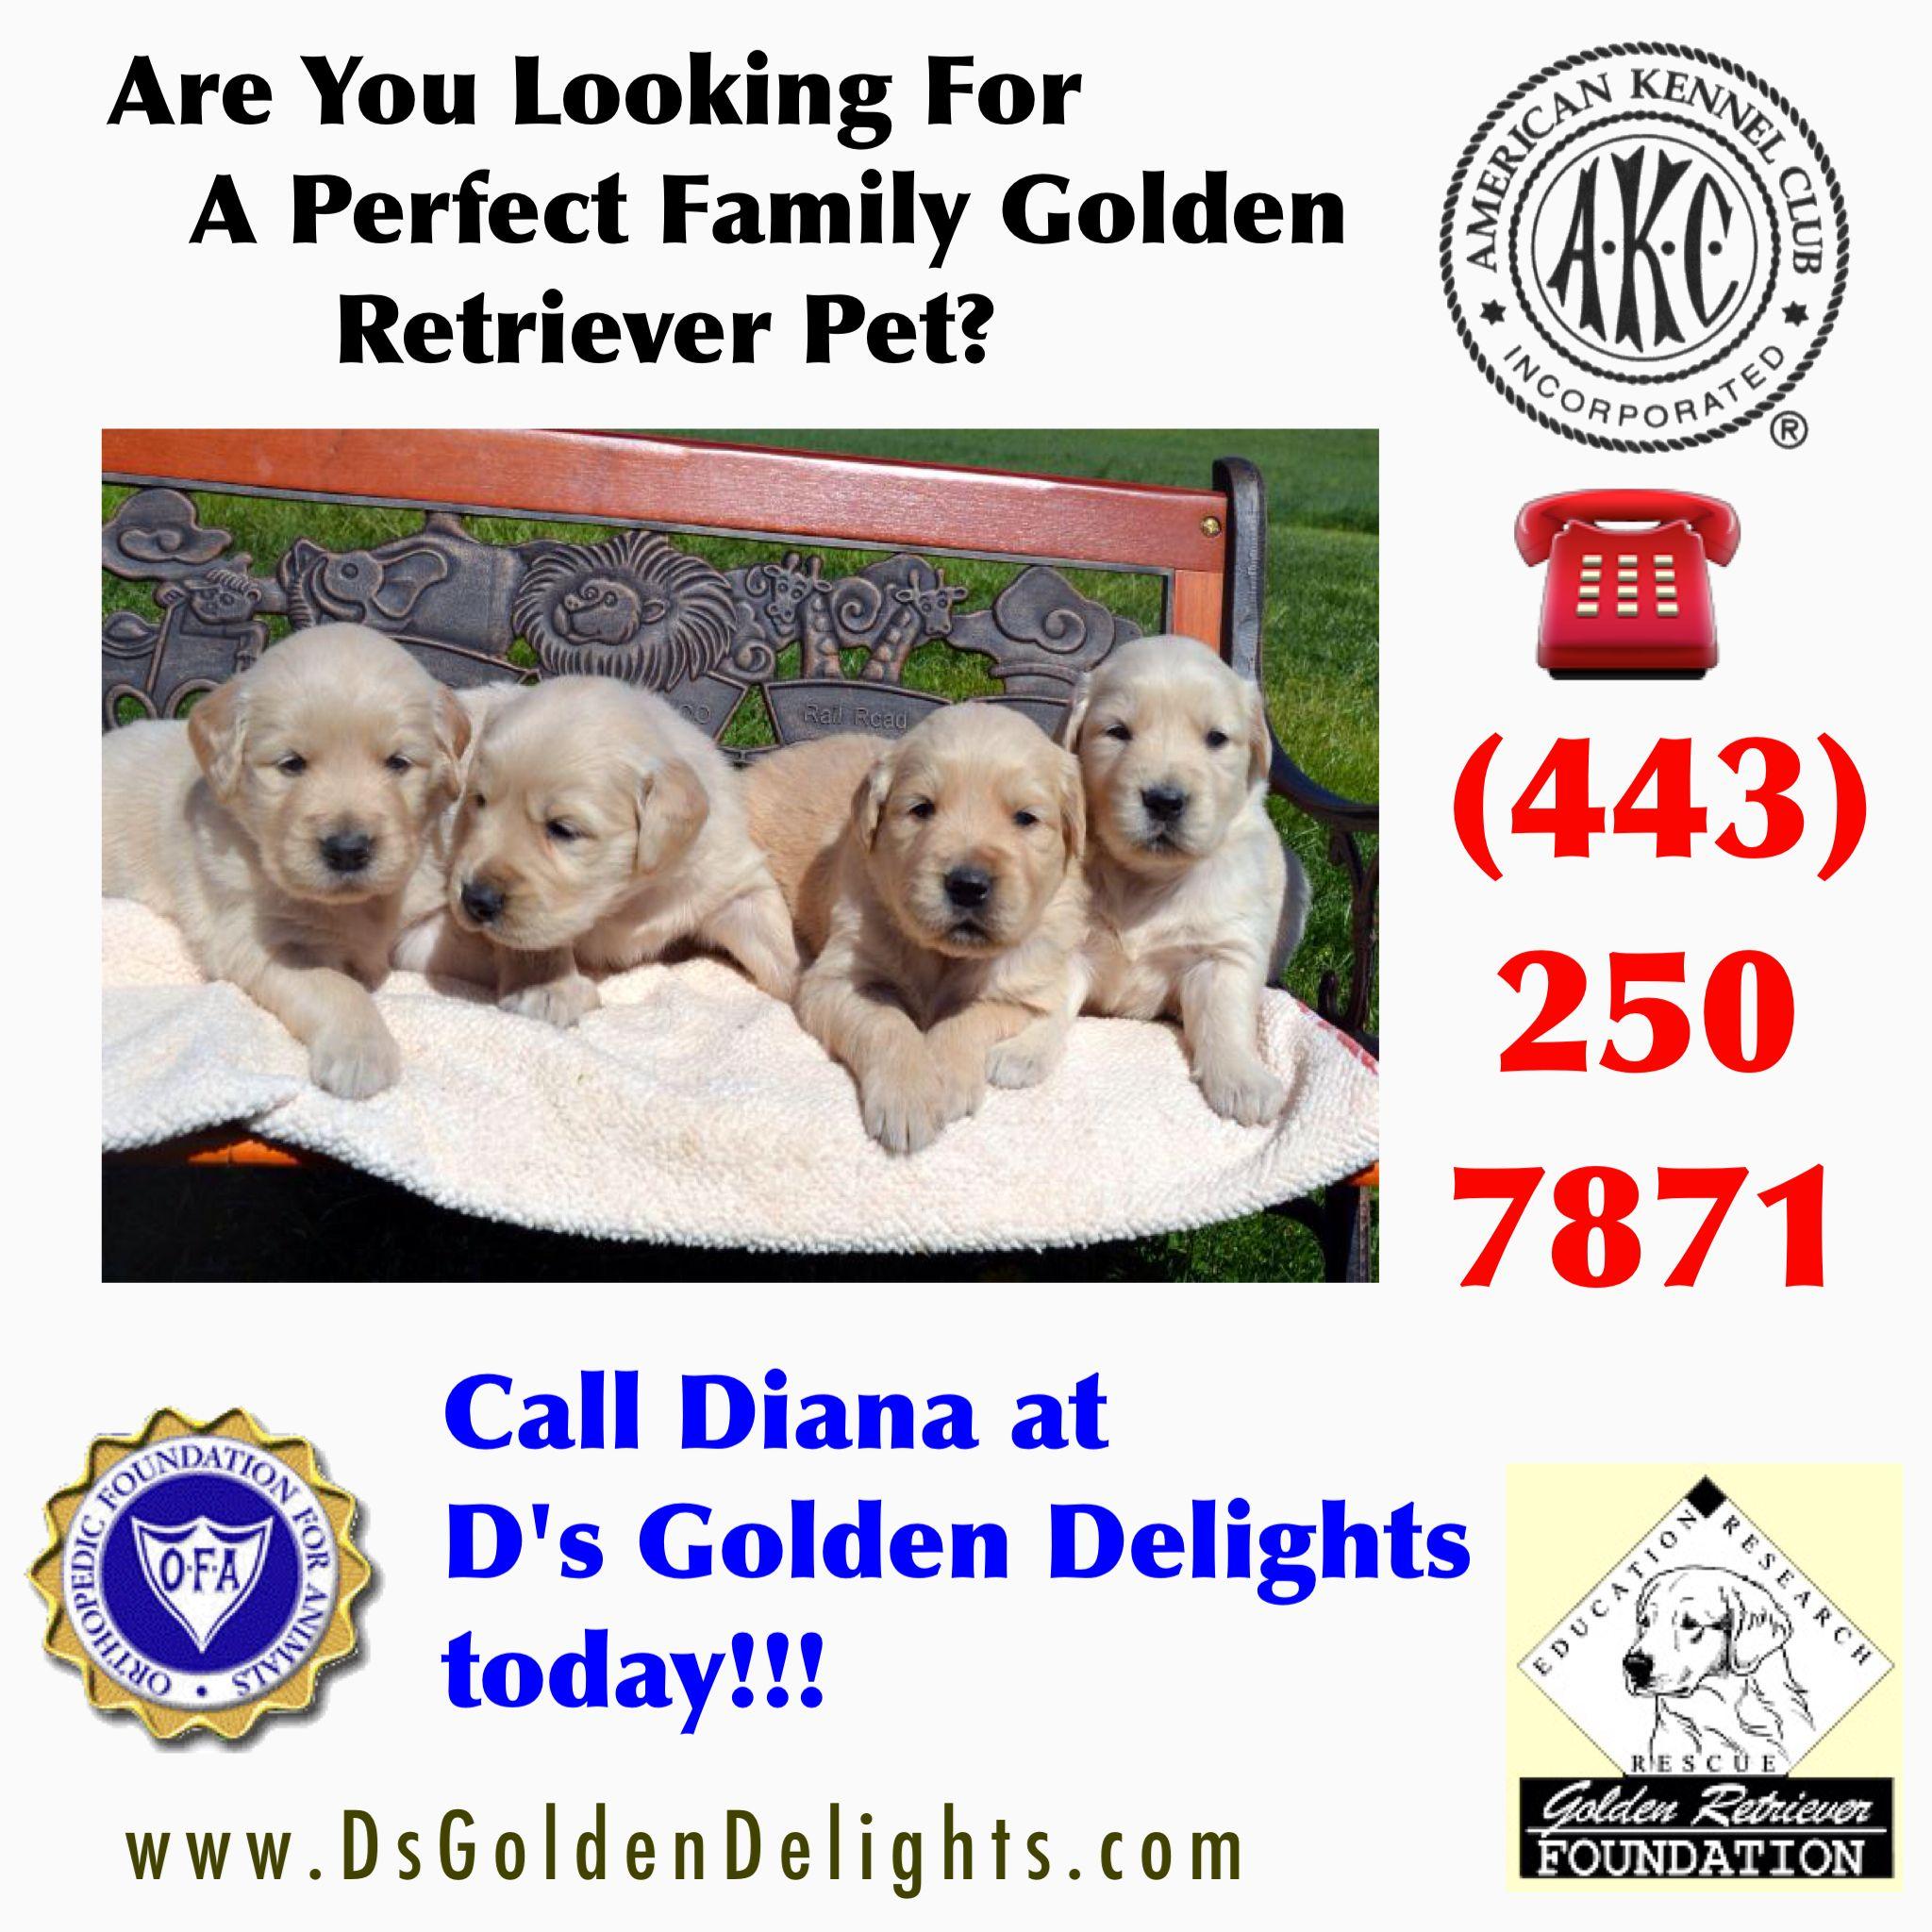 NEW JERSEY GOLDEN RETRIEVER PUPPIES DELAWARE GOLDEN